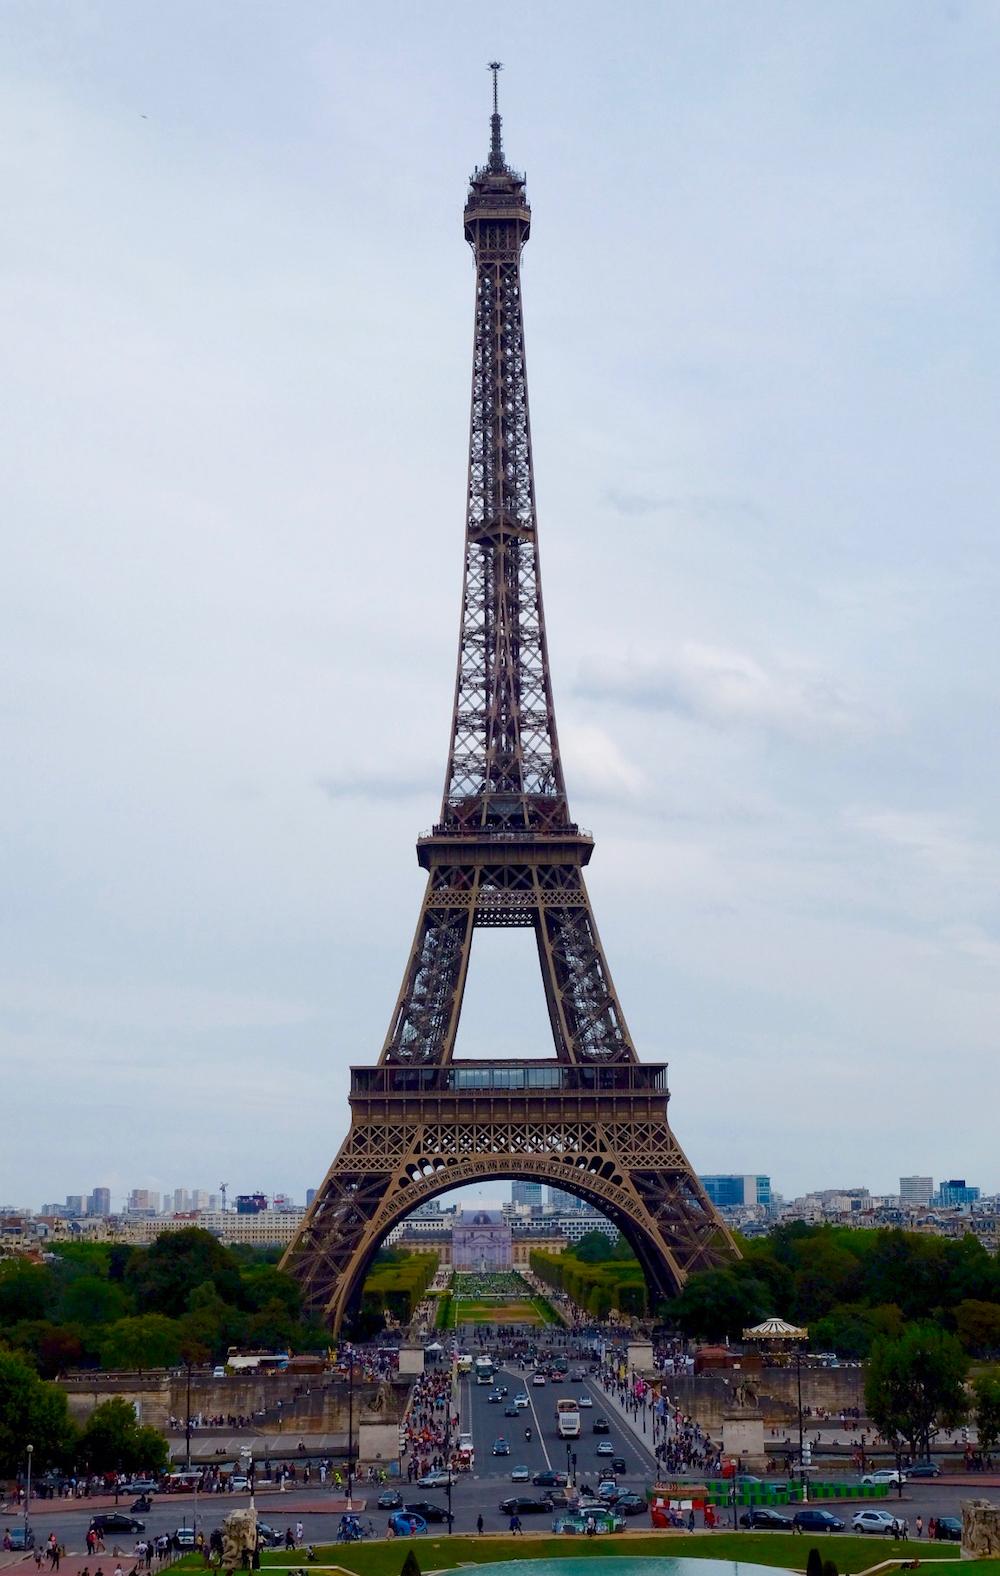 Chưa tới tháp Eiffel tức là chưa tới Paris. Tháp nằm bên cạnh sông Seine, trong công viên Champ-de-Mars. Nếu muốn lên đỉnh tháp, bạn phải xếp hàng rất dài và có thể phải chờ cả tiếng đồng hồ.